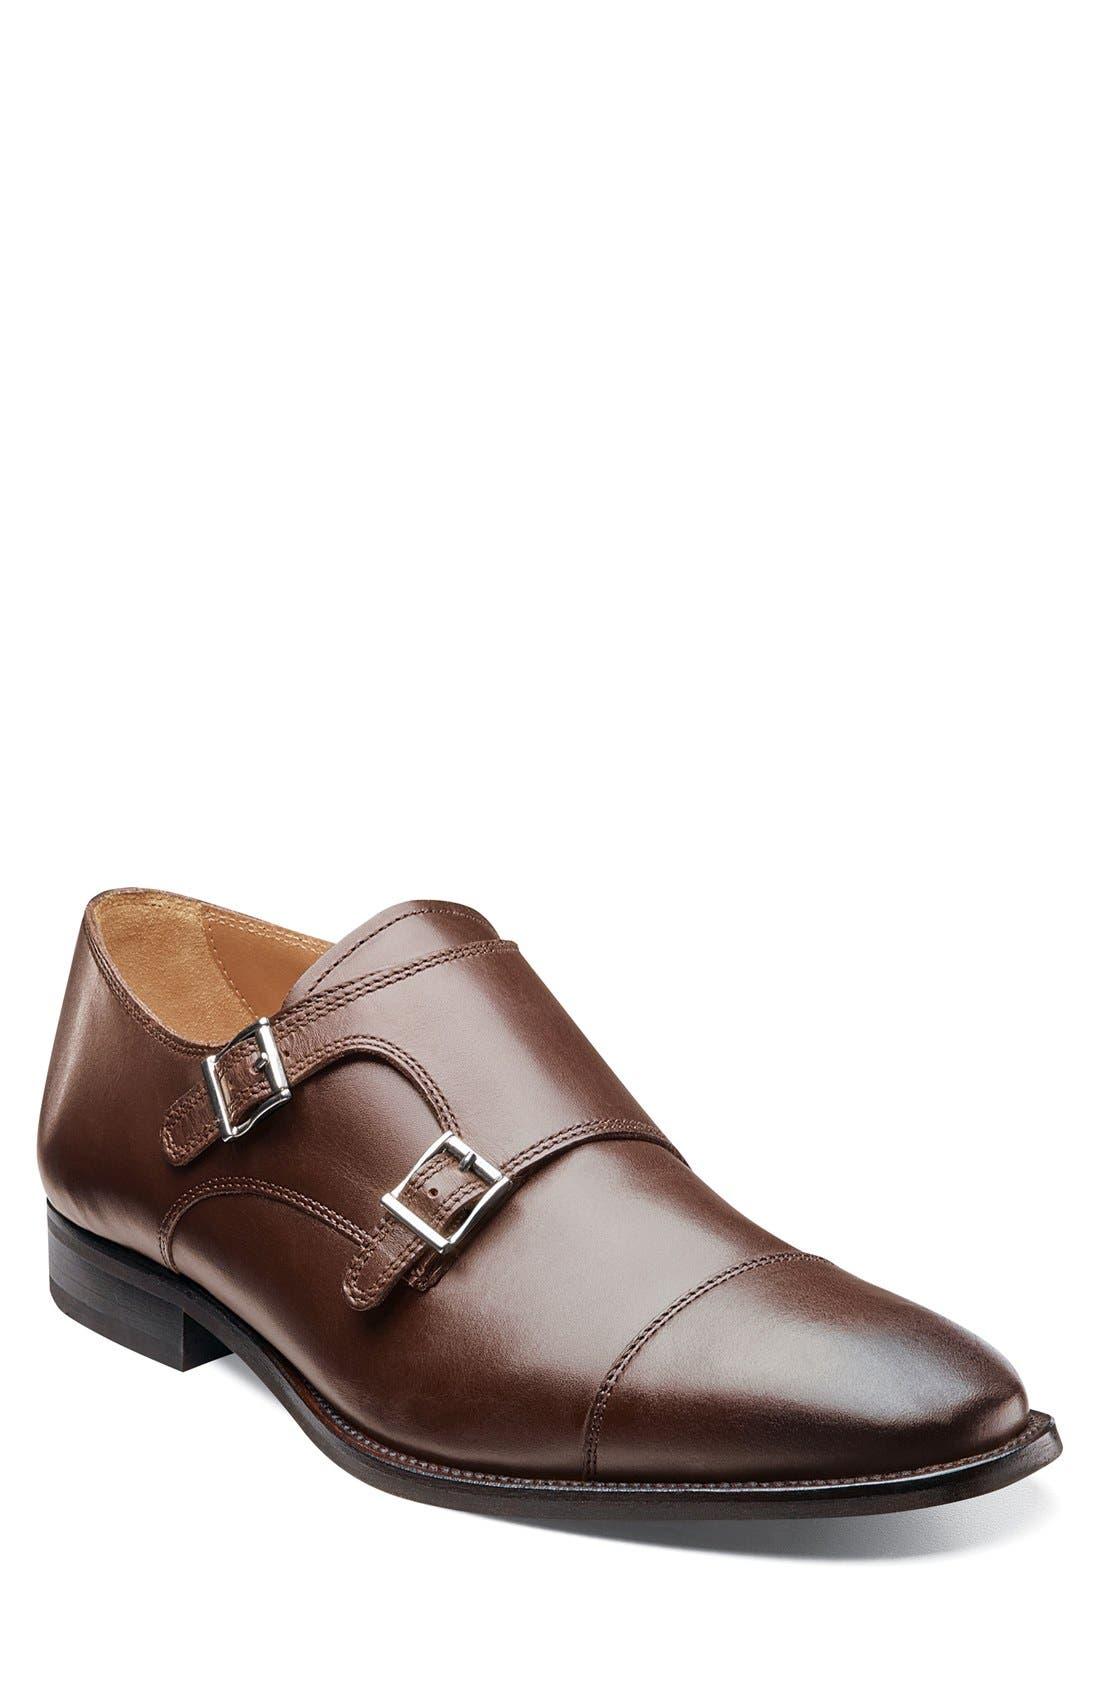 'Sabato' Double Monk Strap Shoe,                         Main,                         color, BROWN